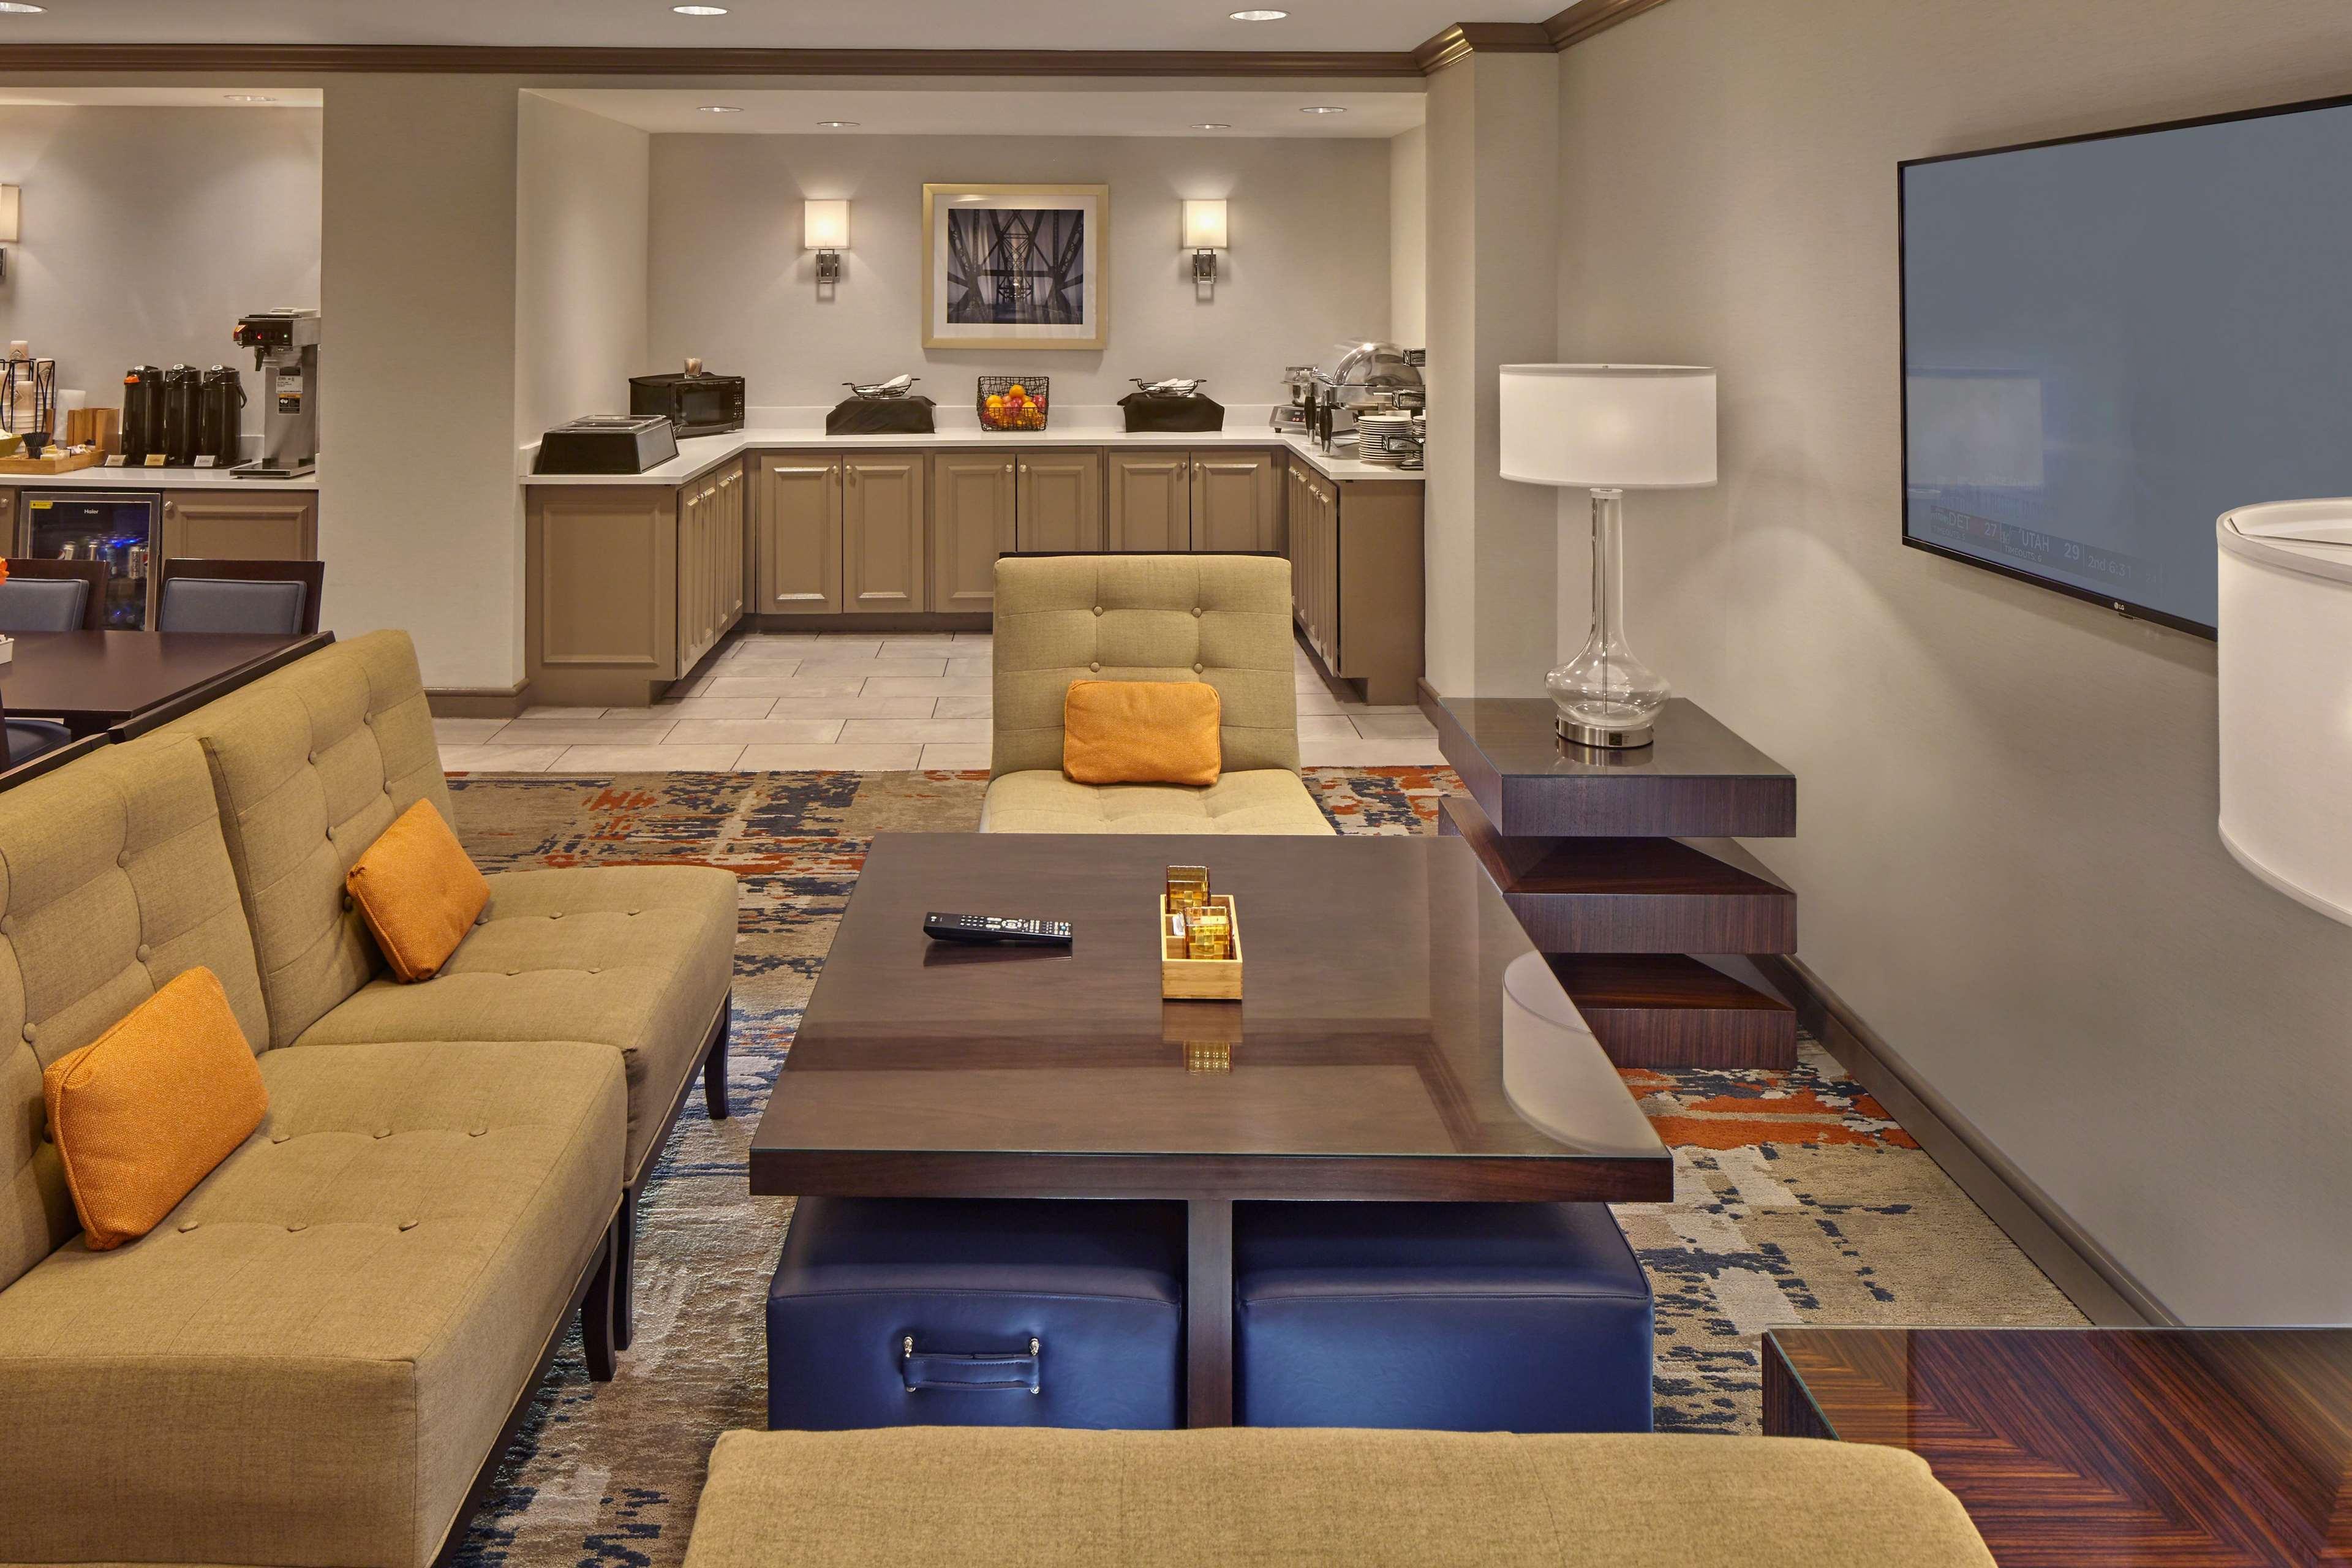 DoubleTree by Hilton Hotel Little Rock image 9